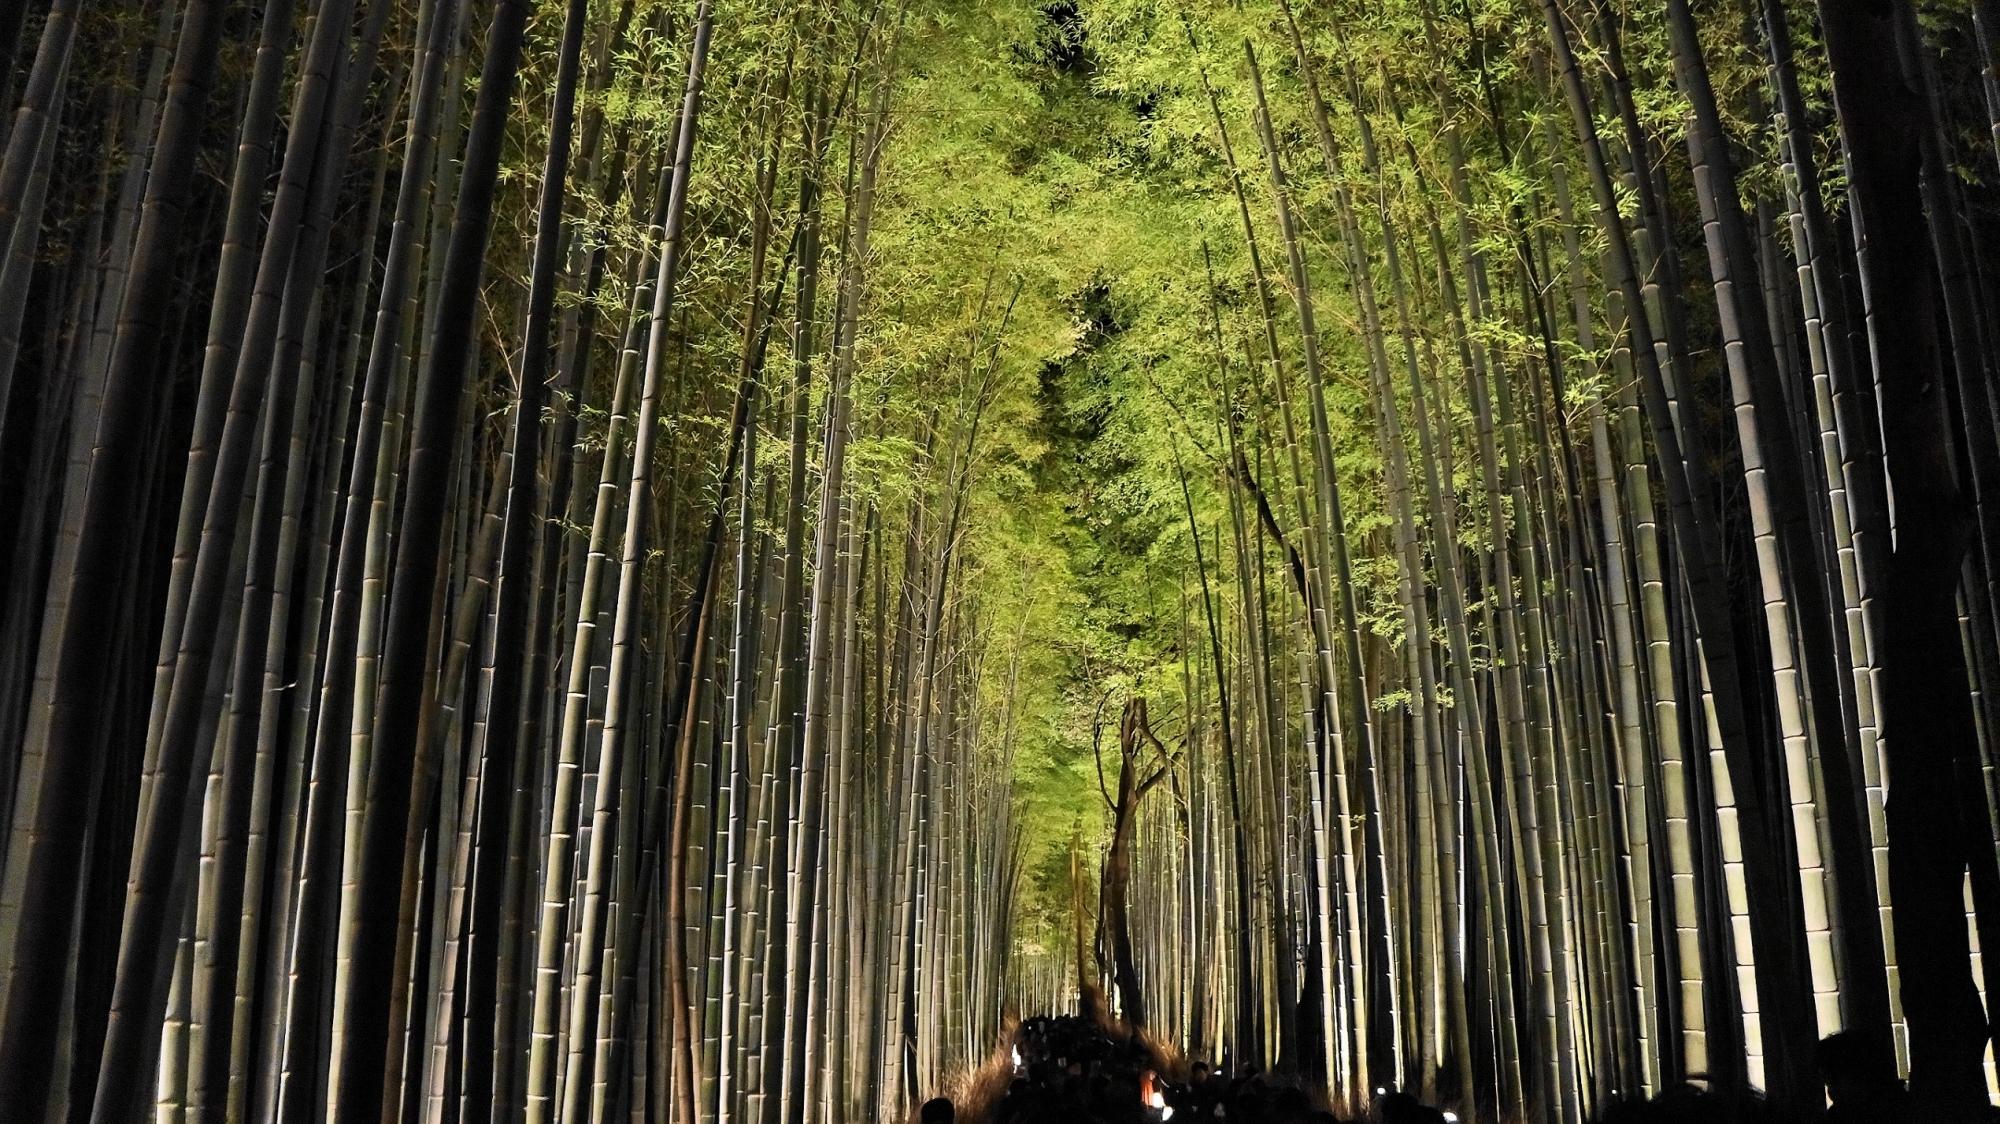 嵐山花灯路の竹林ライトアップ